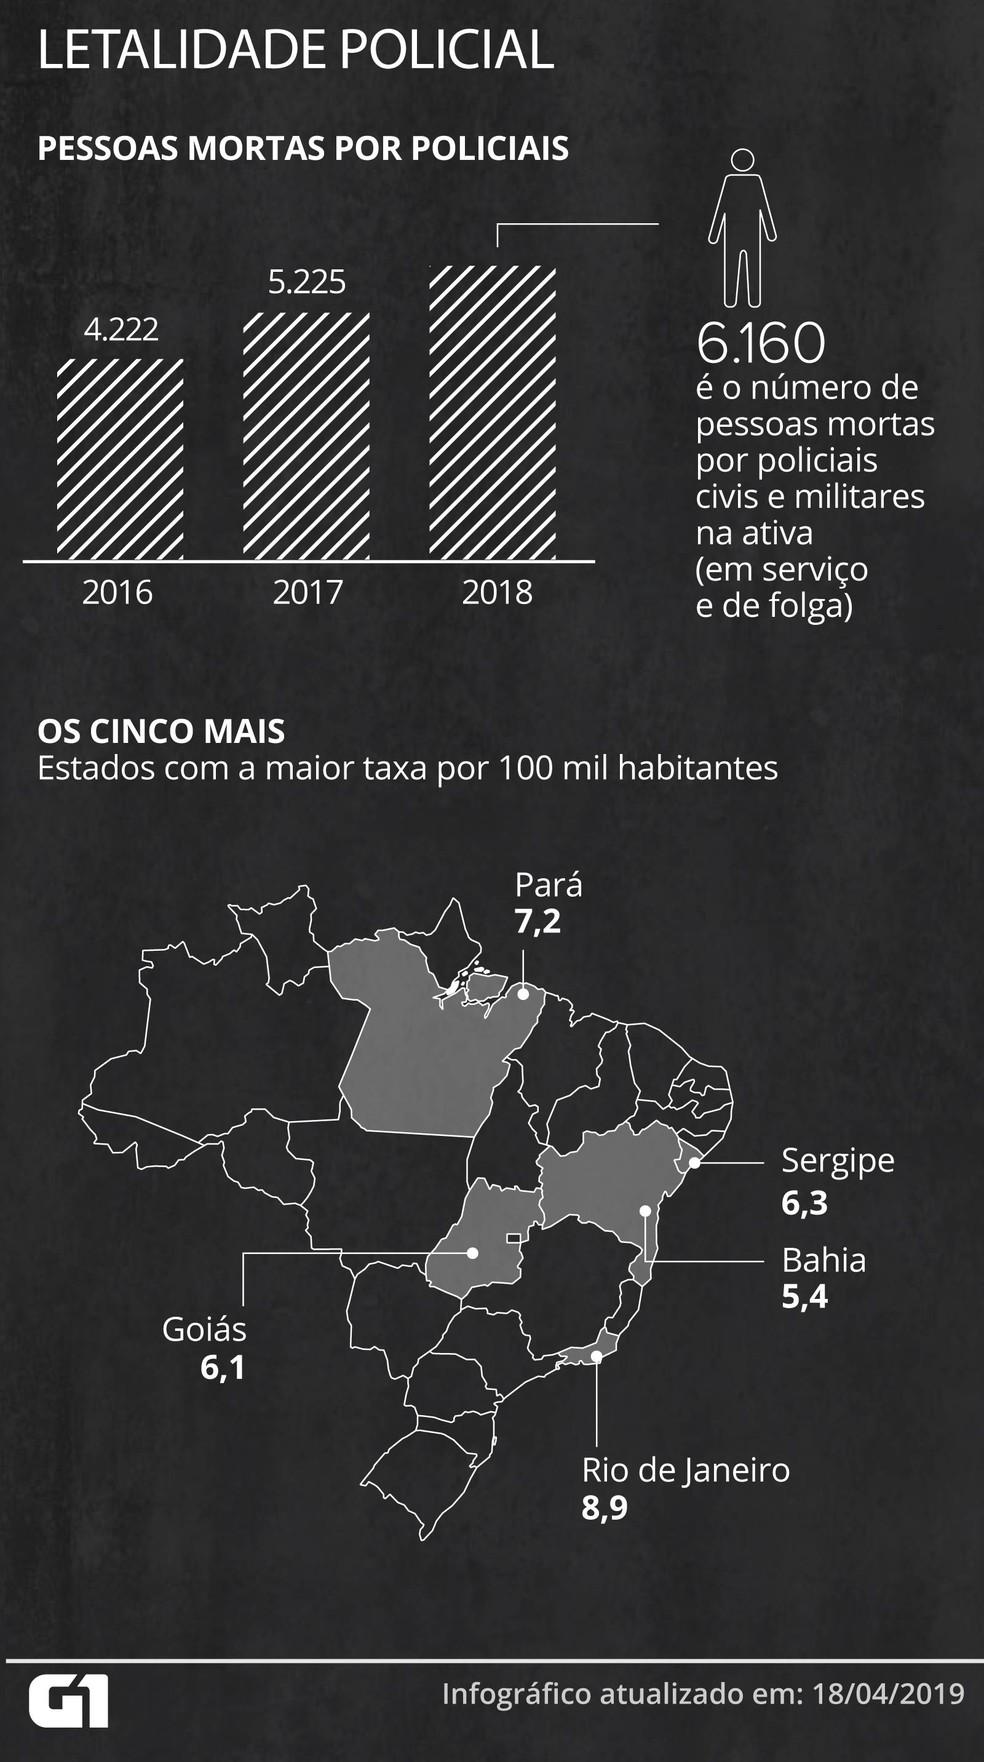 Brasil teve 6.160 pessoas mortas pela polícia em 2018 — Foto: Guilherme Gomes/G1